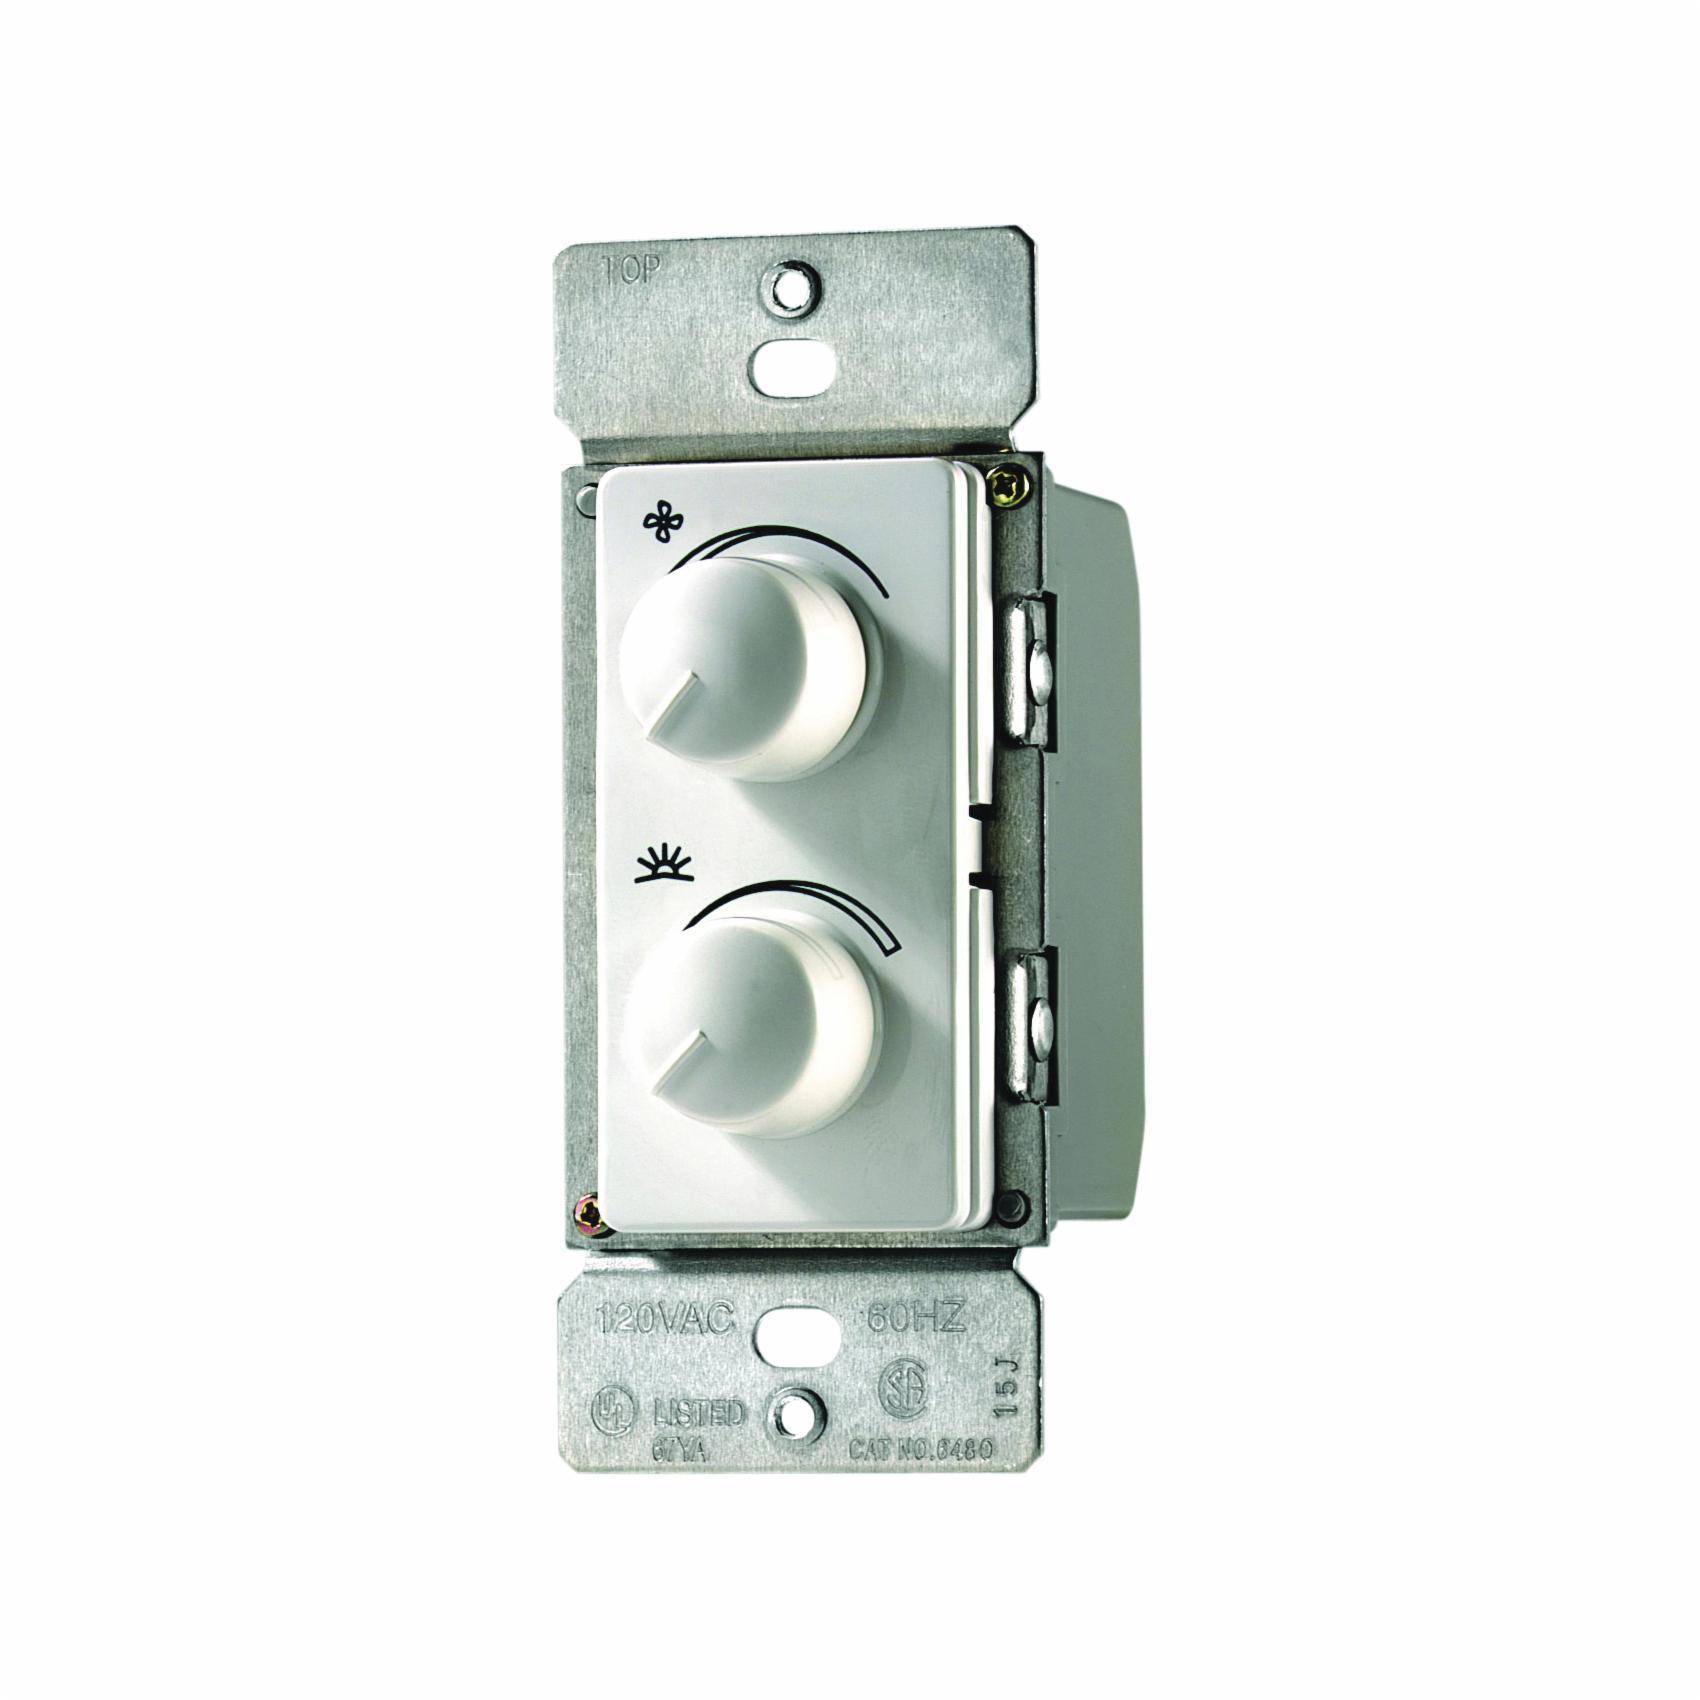 Eaton Wiring Devices RDC25-W-K